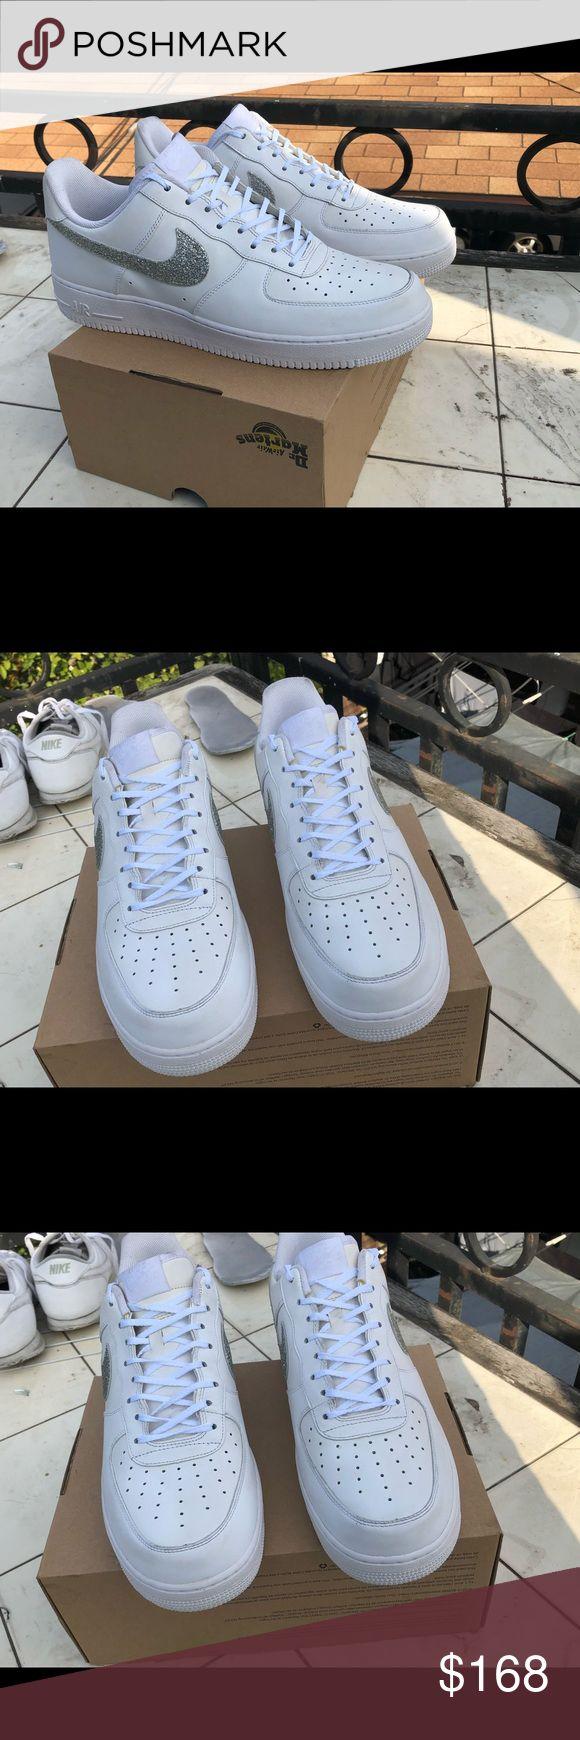 Nike Custom Glitter Swoosh White Air Force 1 Sz 14 Great